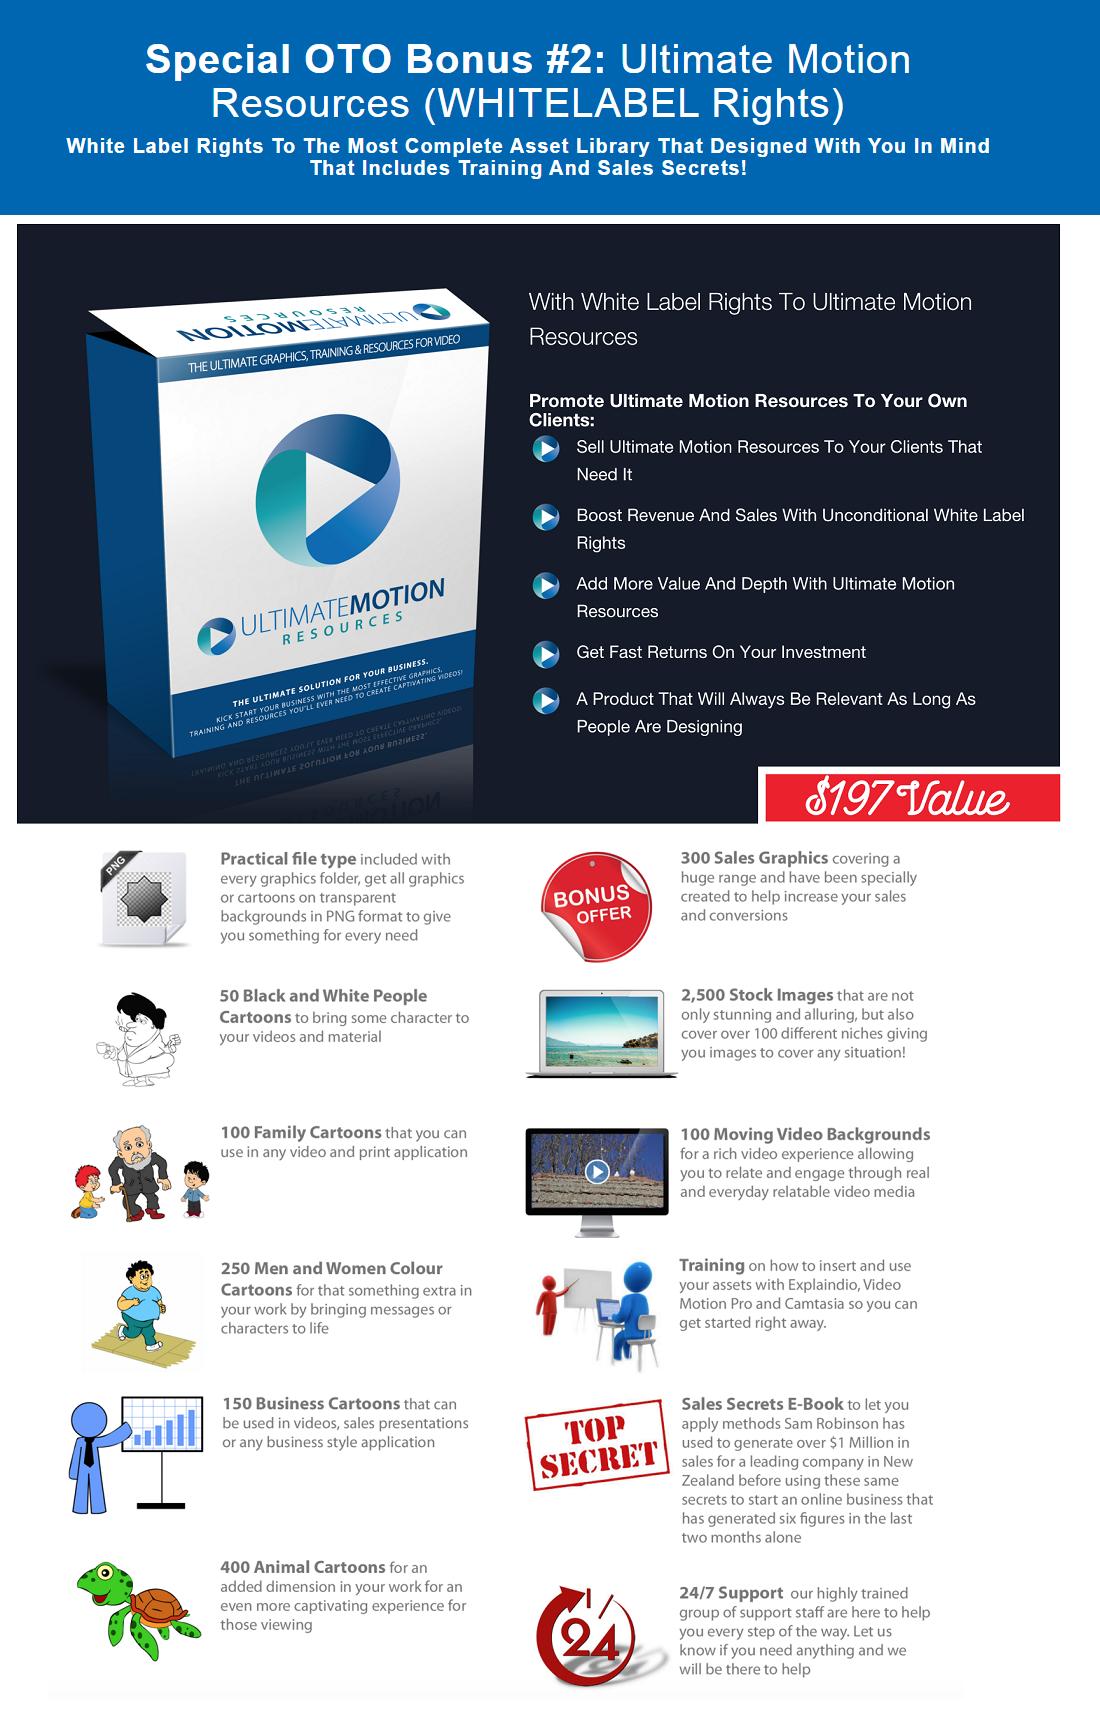 vid invision enterprise review